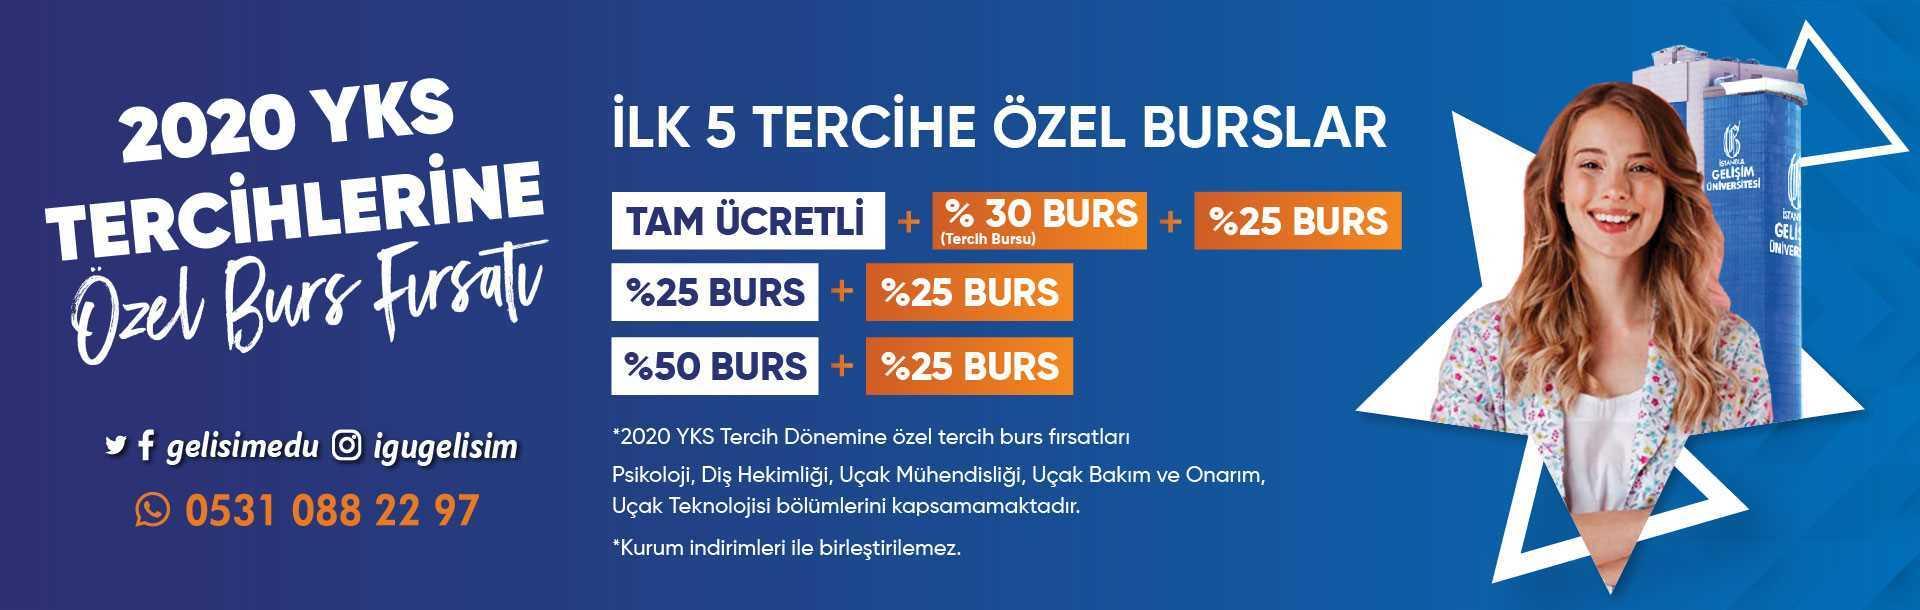 Burslar - İGÜ